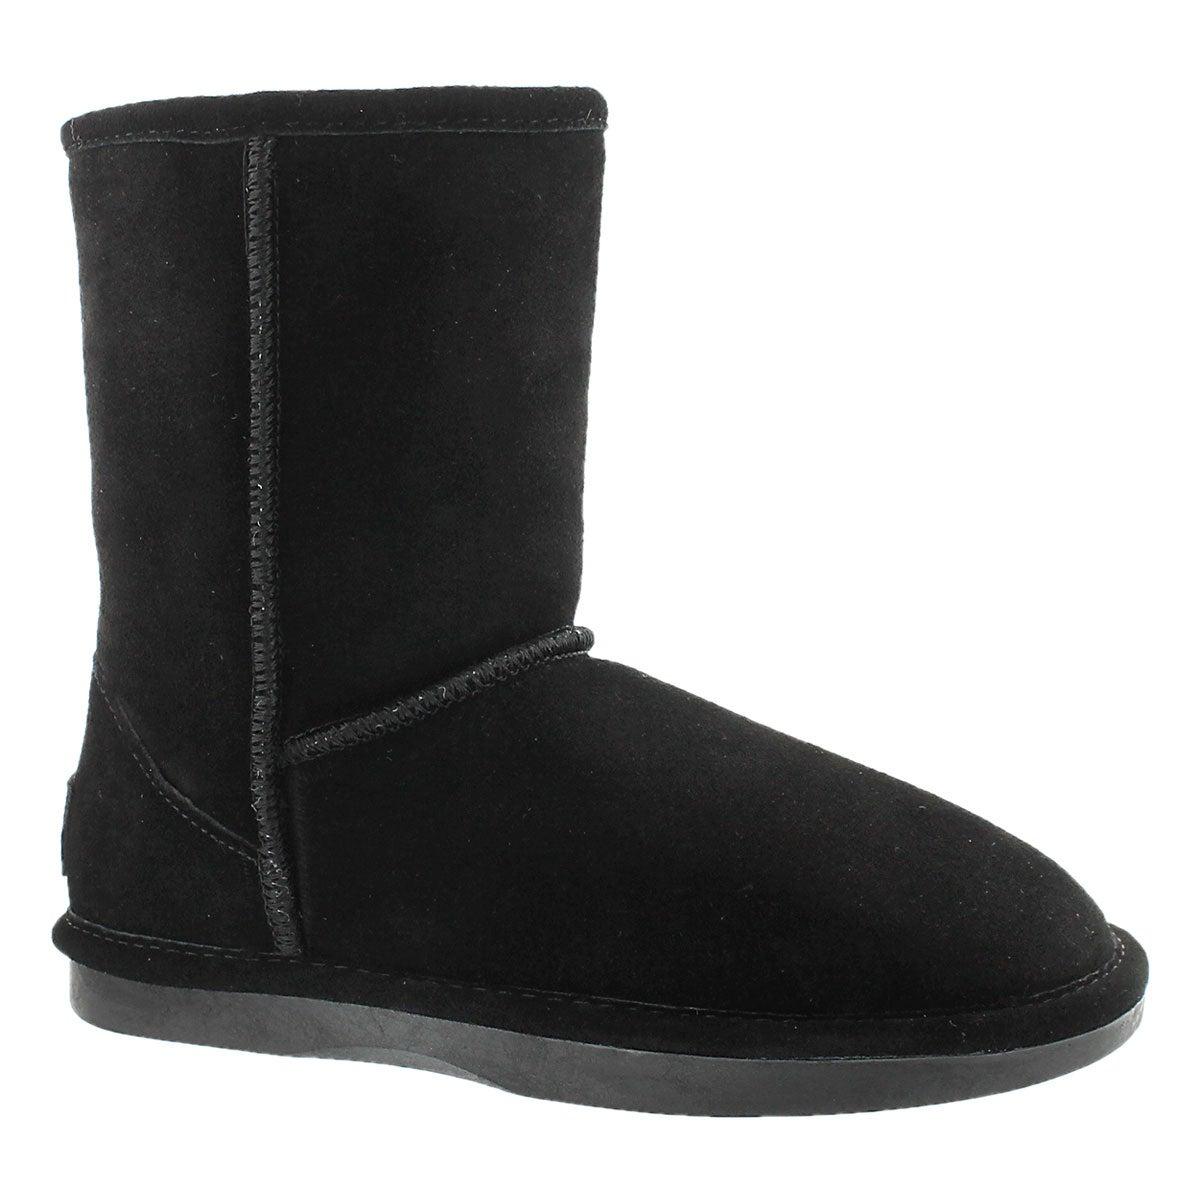 Lds Smocs Zip black suede boot